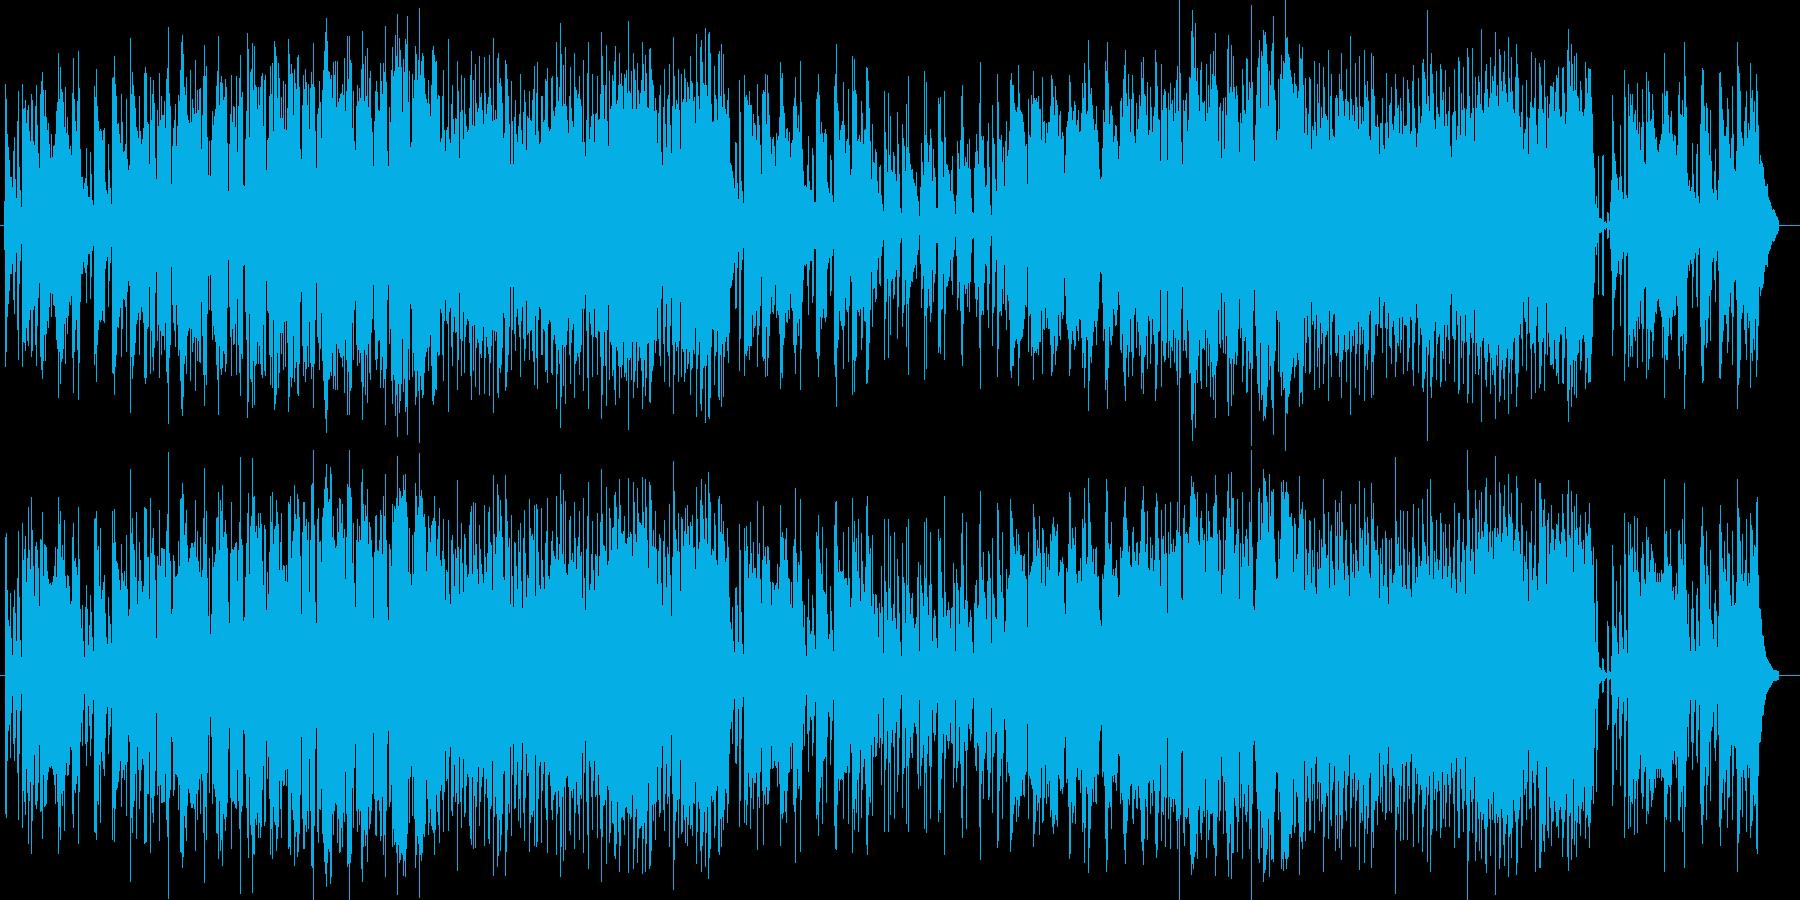 可愛らしい印象のシンセポップスの再生済みの波形